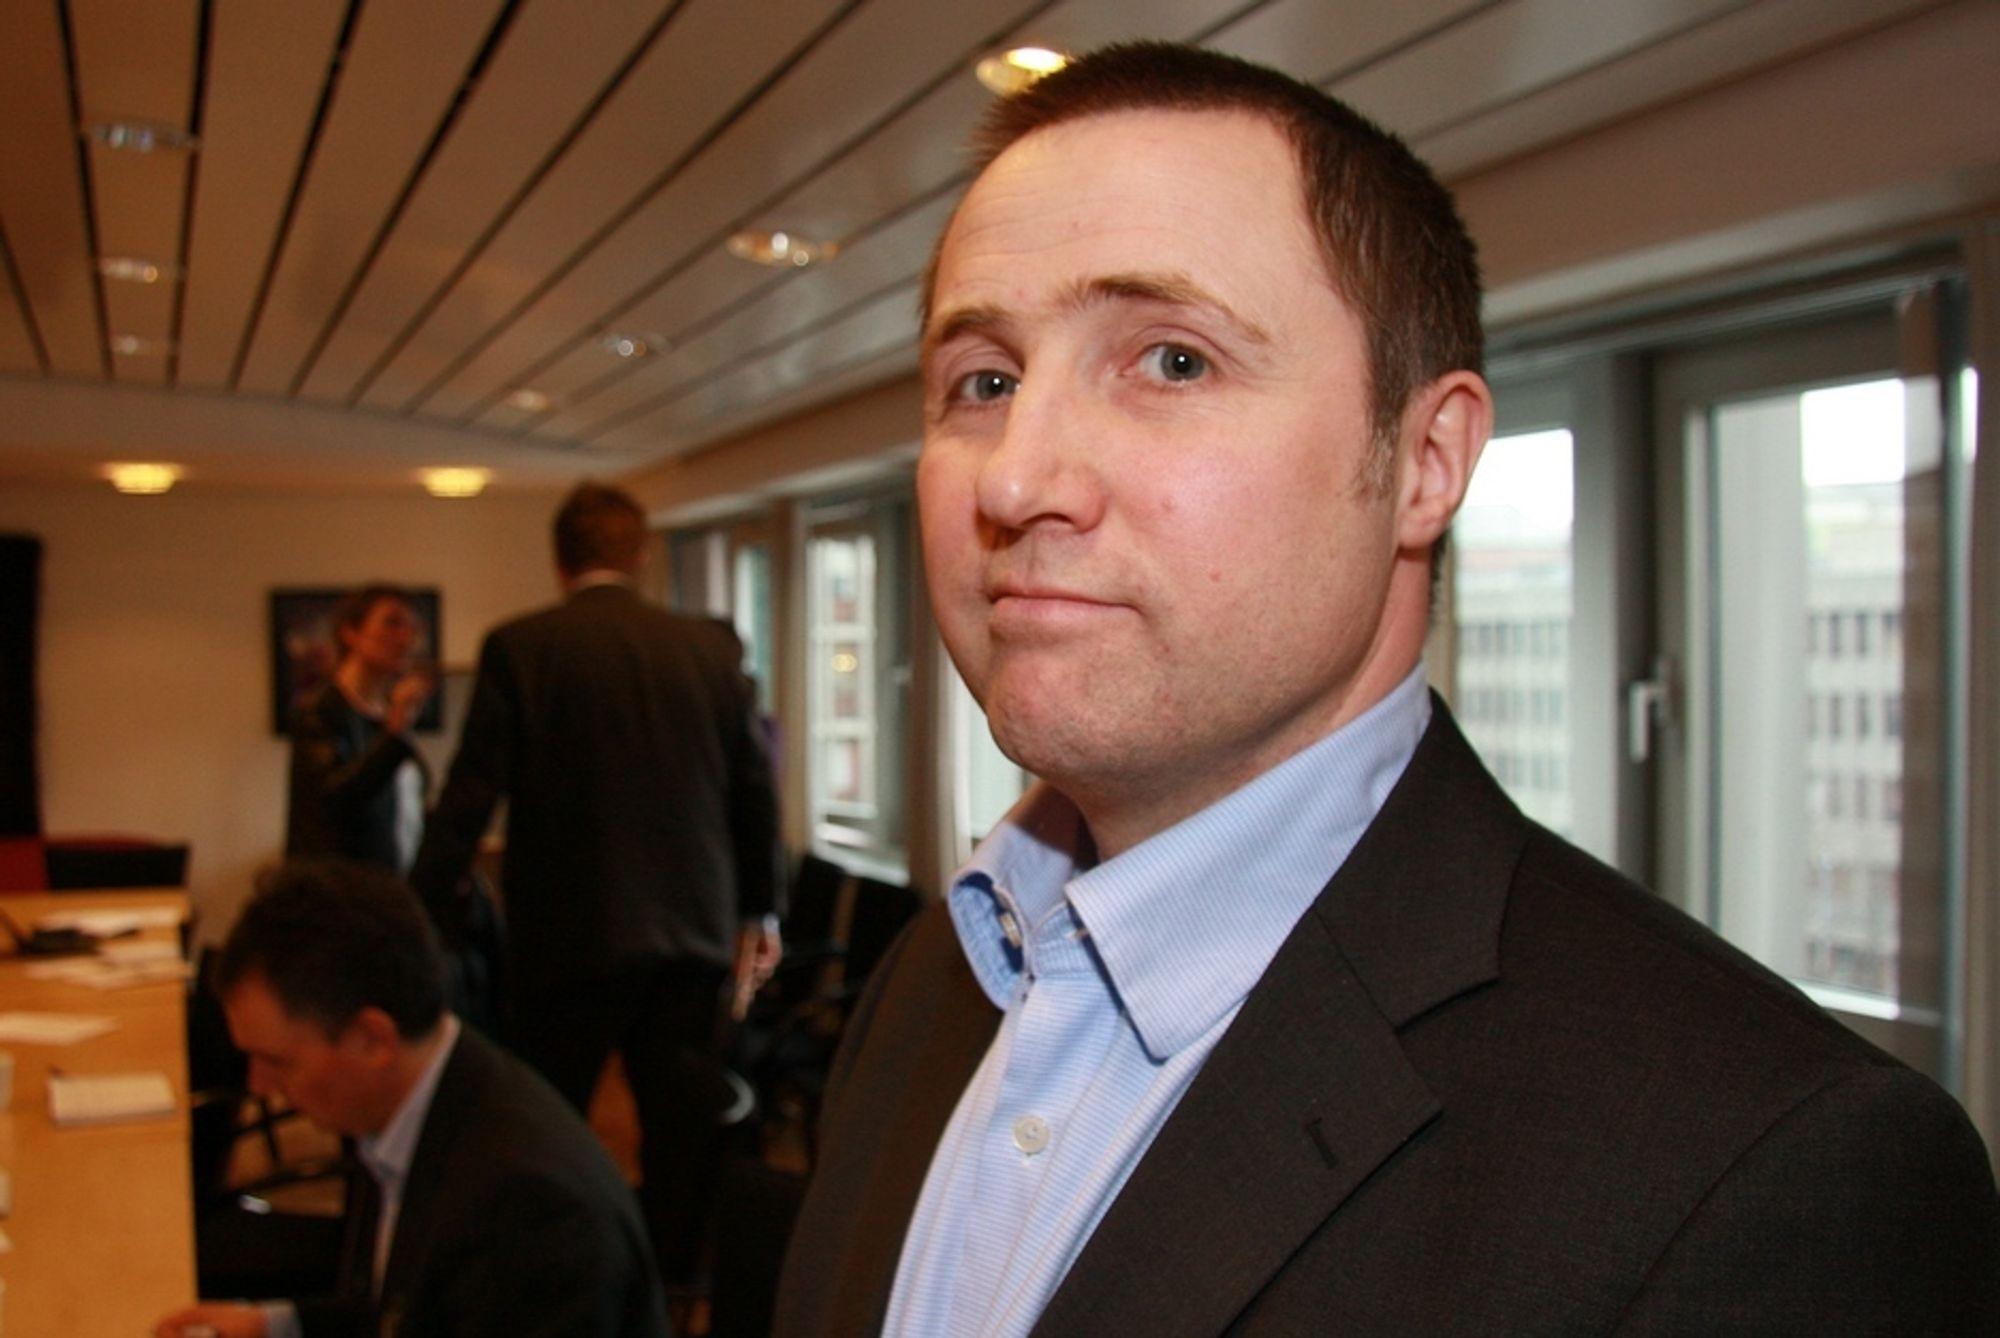 FRYKTER  IKKE ESA: Enovas avdelingsdirektør for energiproduksjon,  Øyvind Leistad, er overbevist om at Eftas overvåkingsorgan Esa vil godkjenne Enovas støtte til Fakken vindpark.